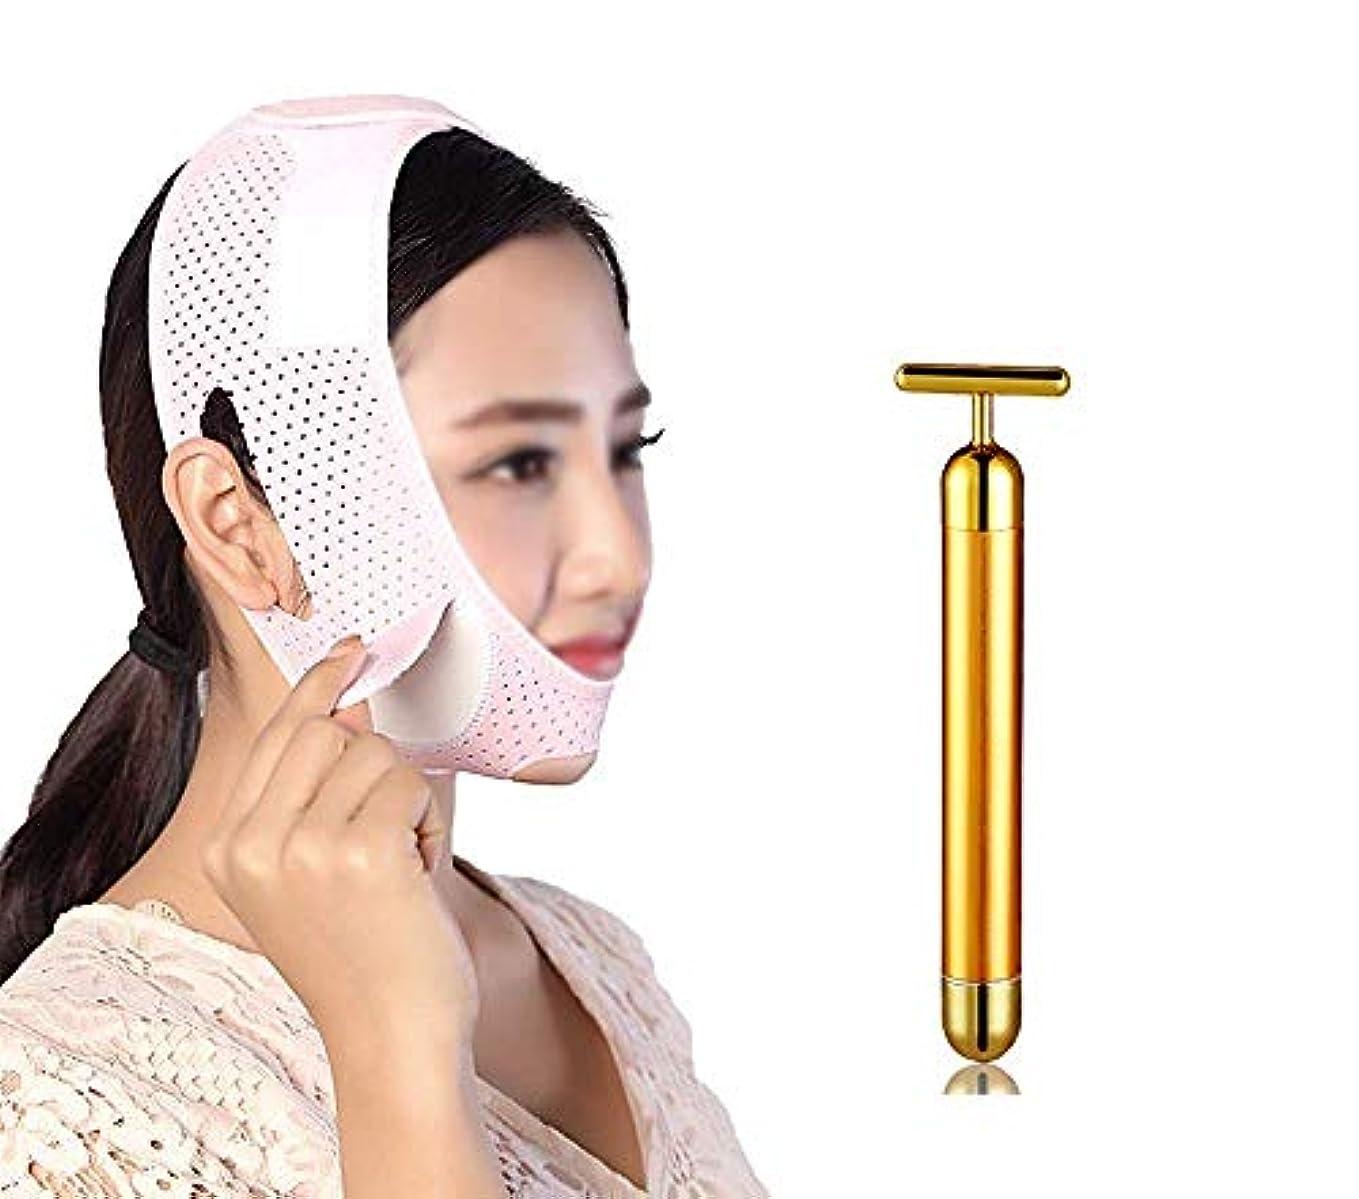 蚊フロンティア定説顔と首を持ち上げる術後弾性セットVフェイスマスクは、チンVのアーティファクト回復サポートベルトの収縮の調整を強化します